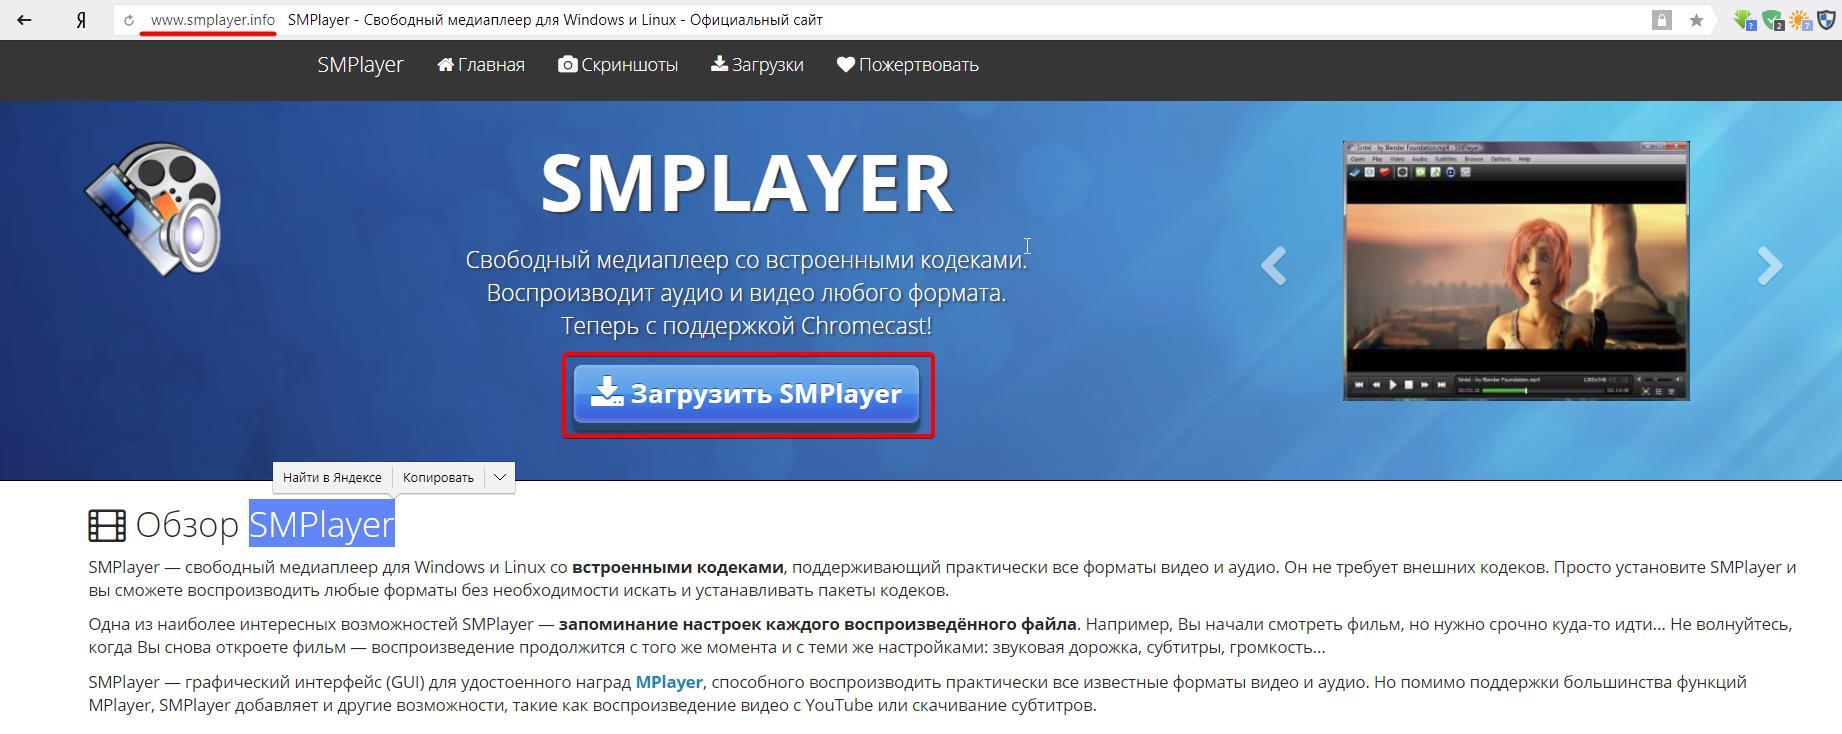 Официальный сайт SMPlayer